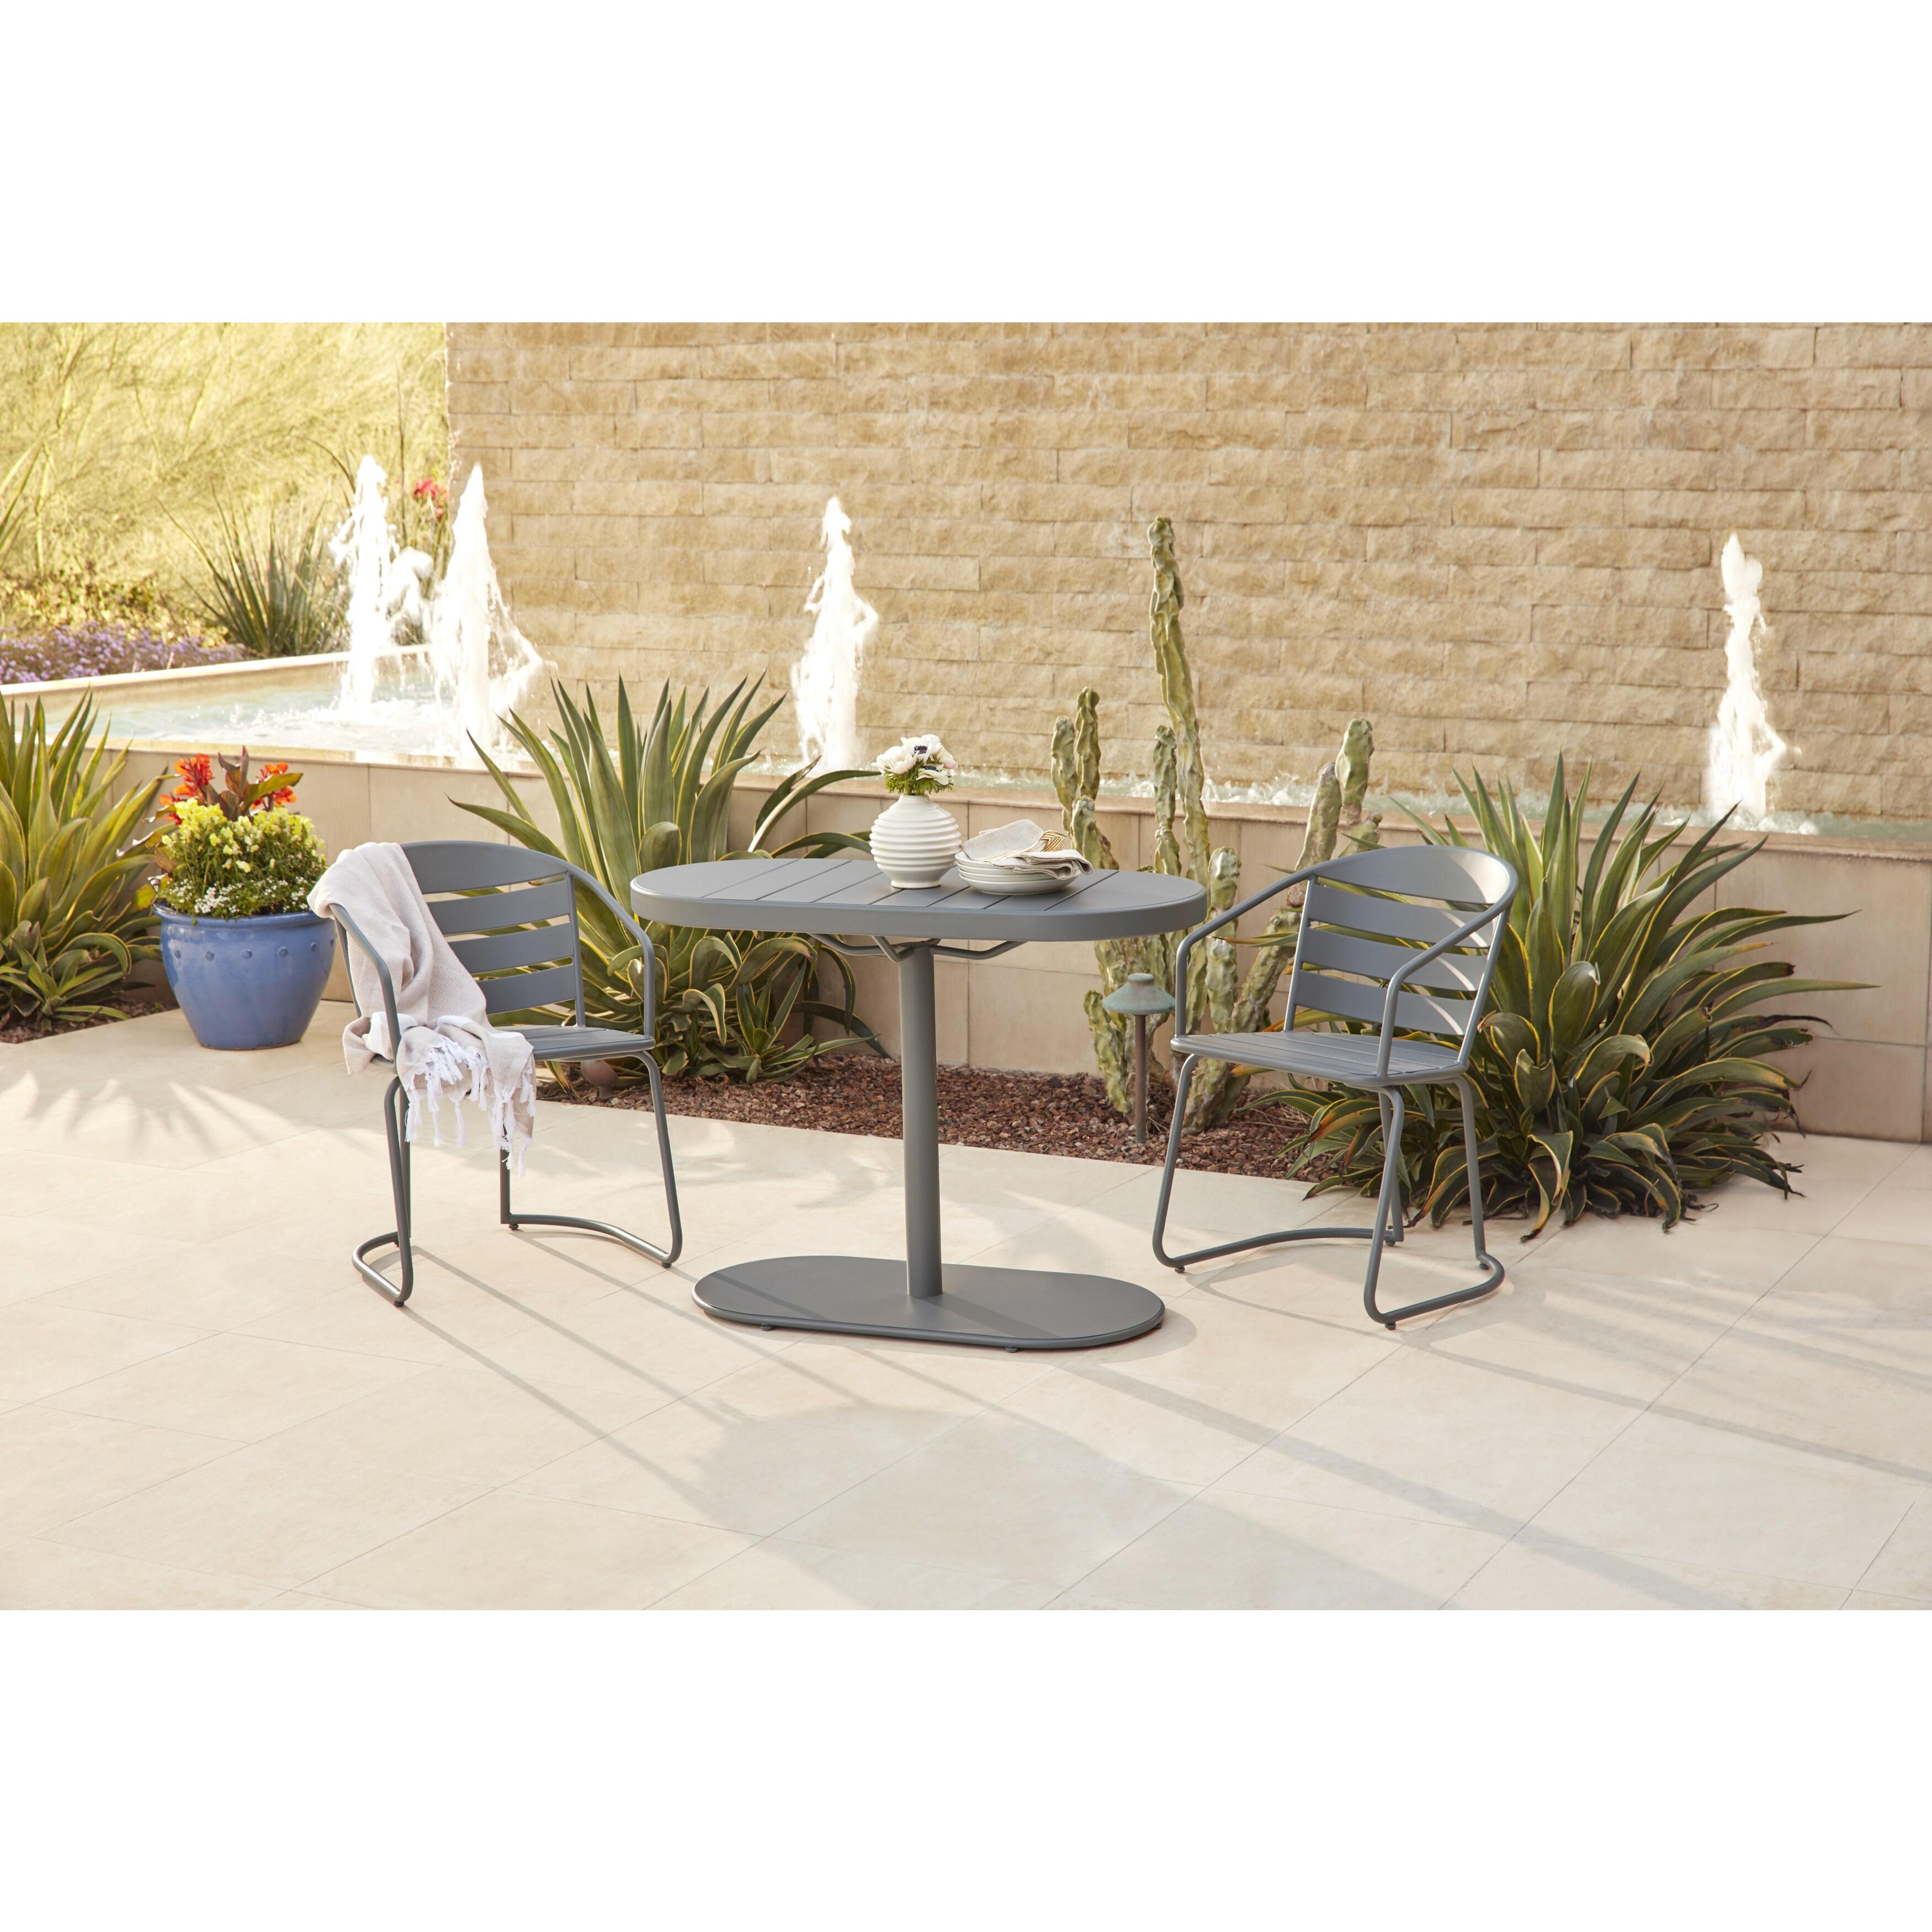 Cosco Grey Outdoor Steel Nesting Bistro Patio Set